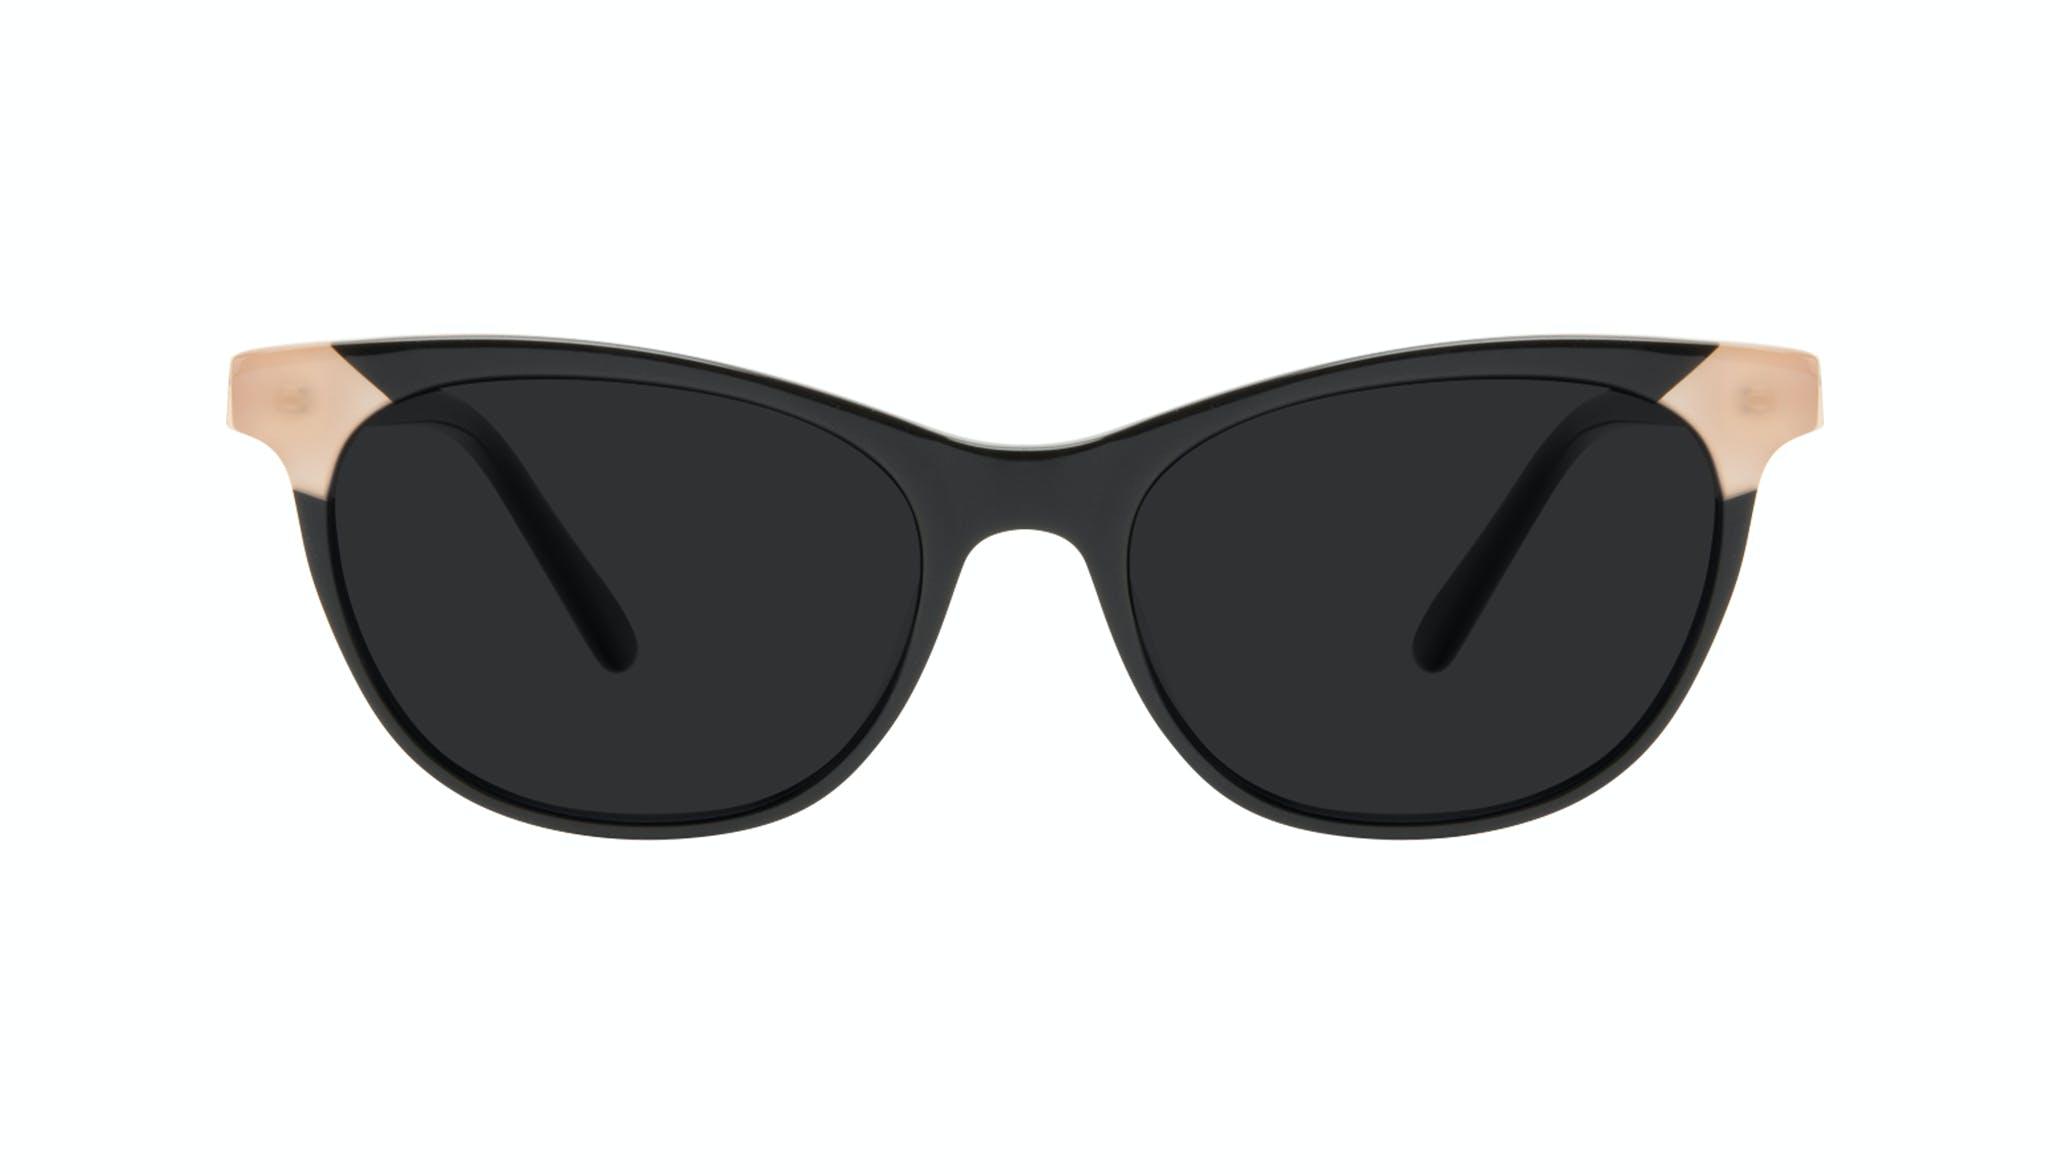 Lunettes tendance Oeil de chat Lunettes de soleil Femmes Witty Black Ivory